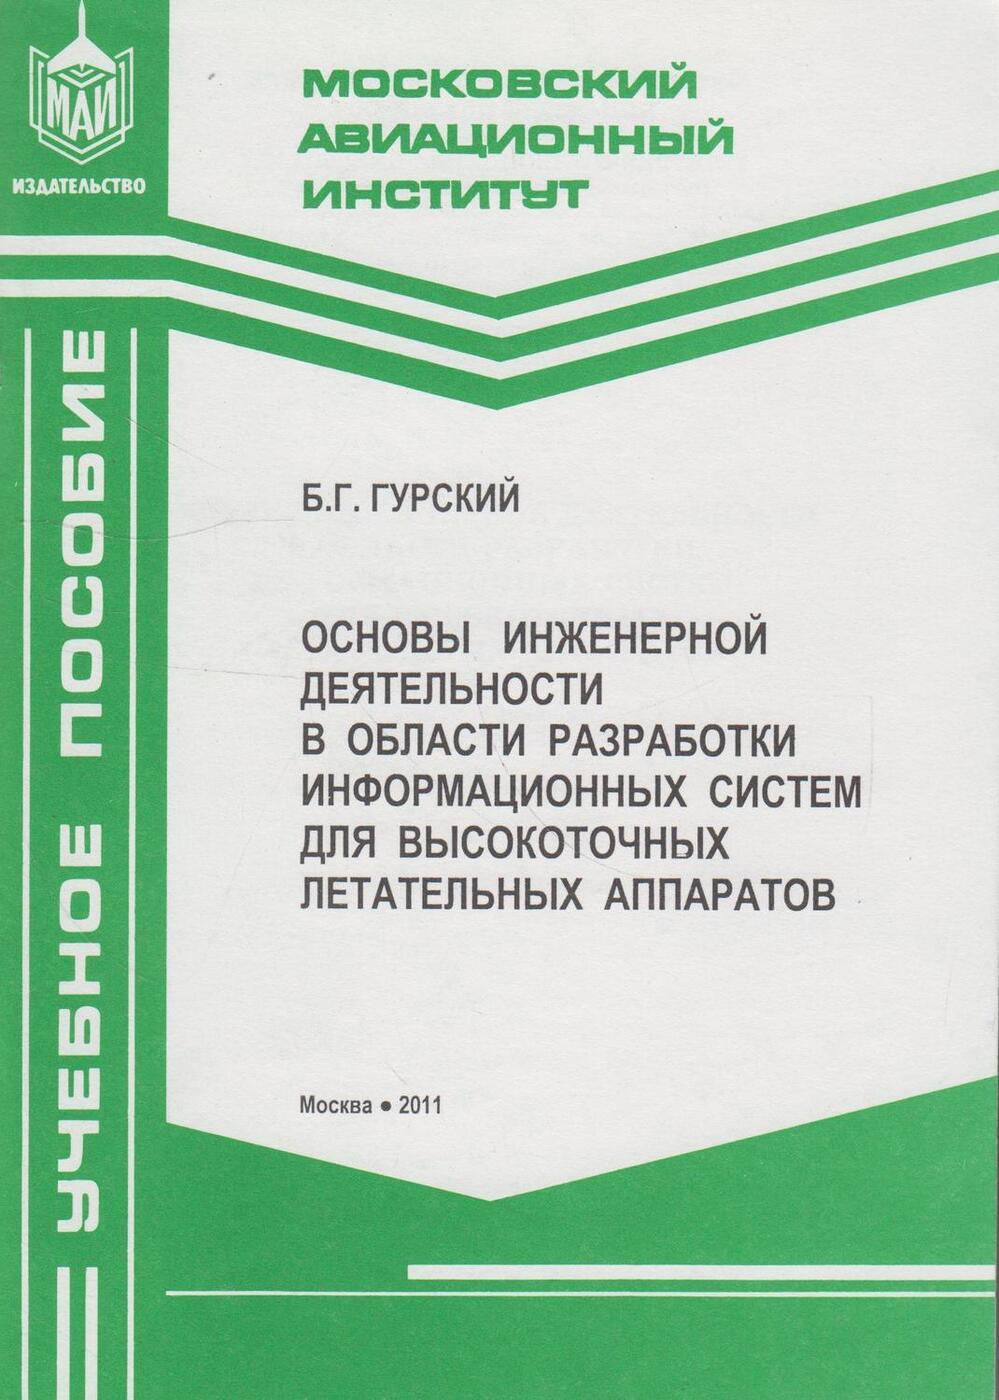 Гурский Б.Г.. Основы инженерной деятельности в области разработки информационных систем для высокоточных летательных аппаратов